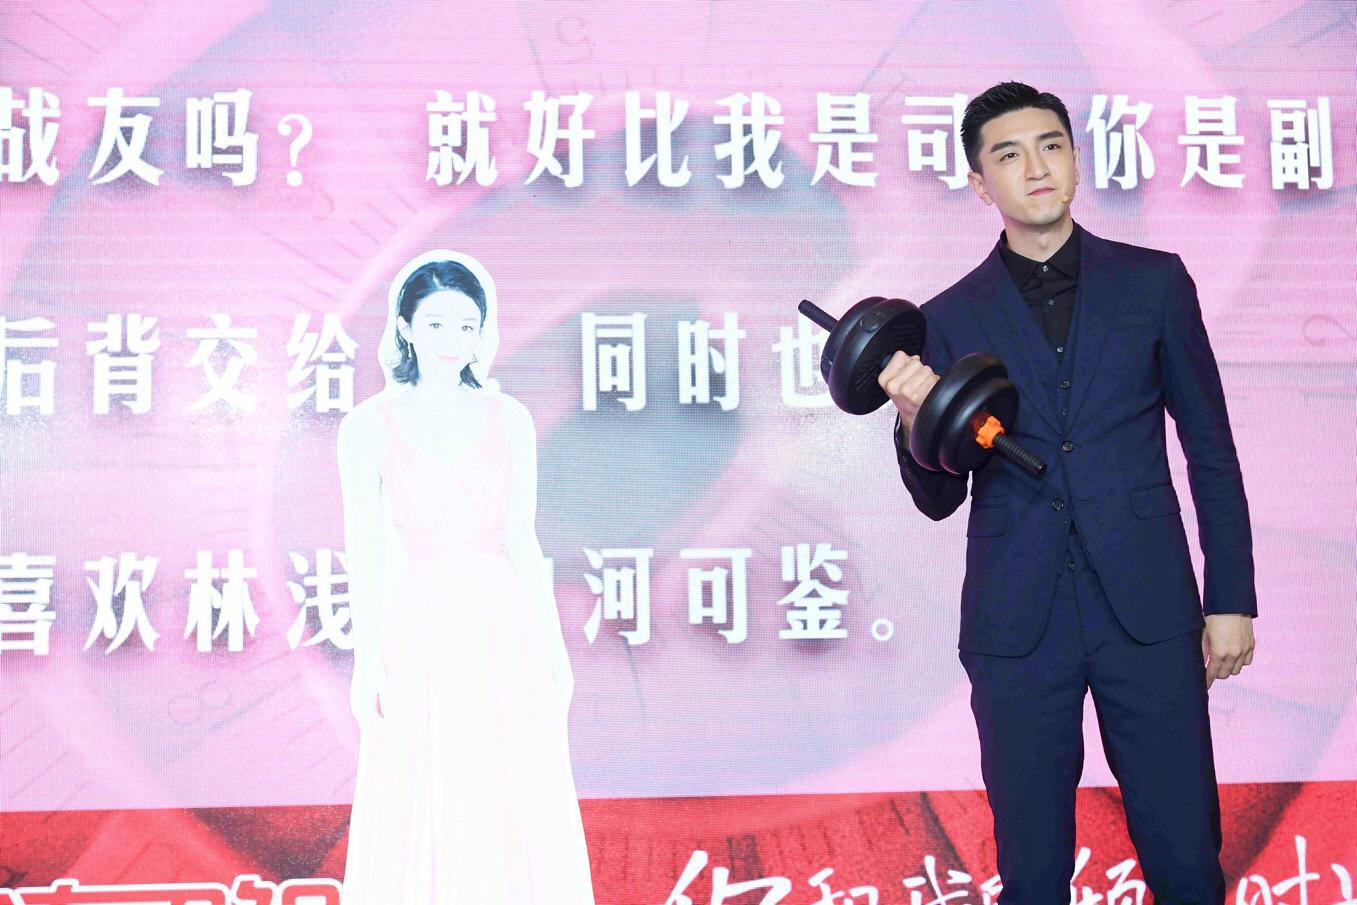 《倾城时光》上海将播 唫瀚称和赵丽颖搭戏有压力